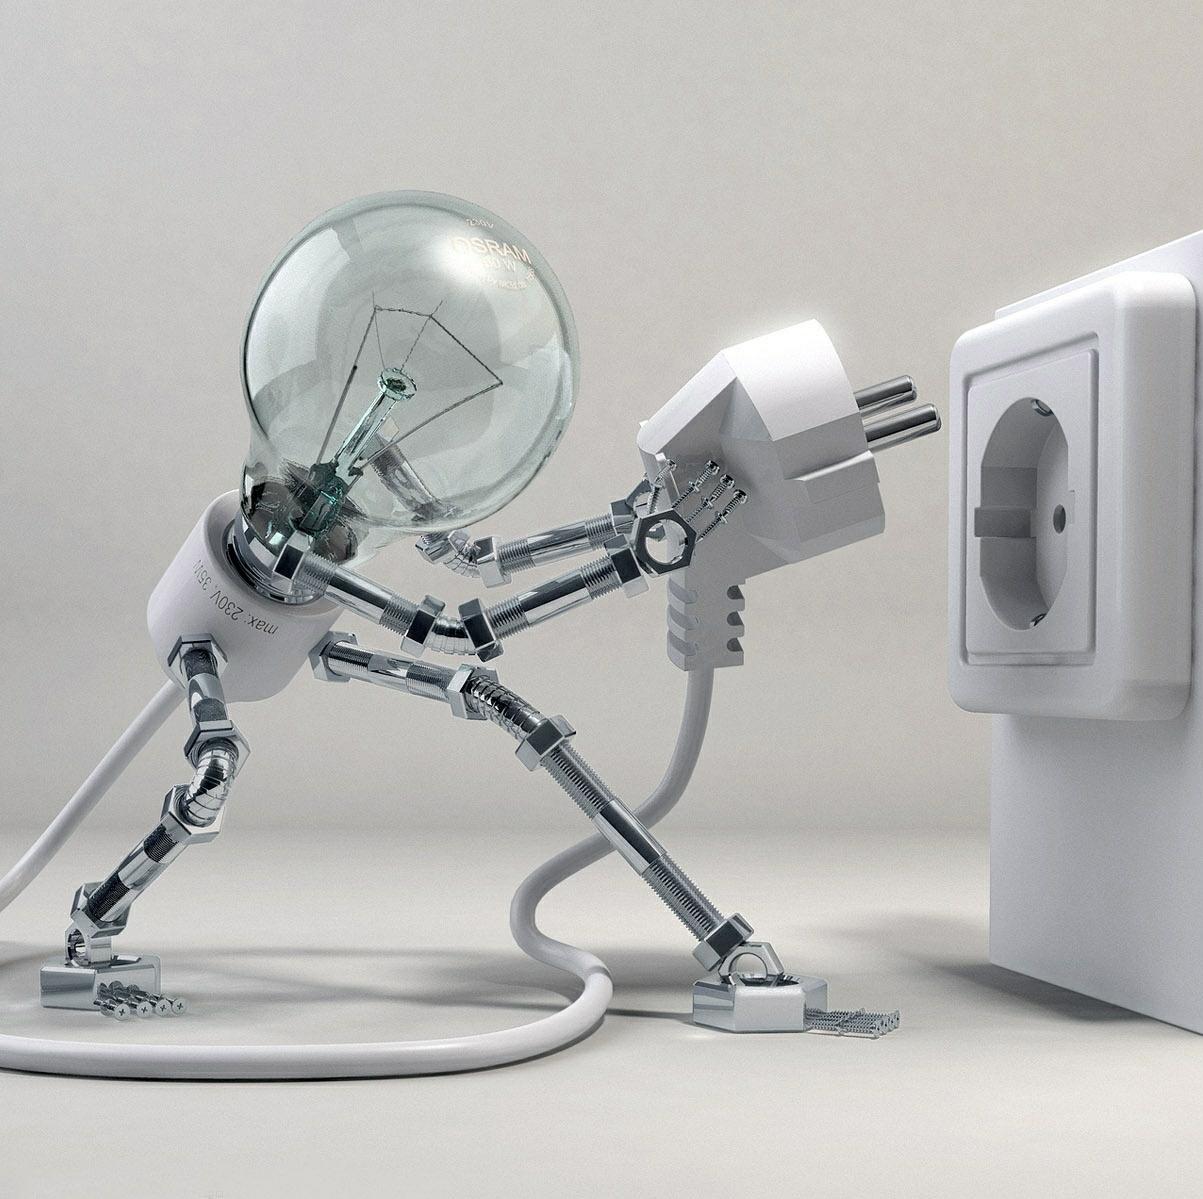 Logo de MaE électricité, société de travaux en Petits travaux en électricité (rajout de prises, de luminaires ...)